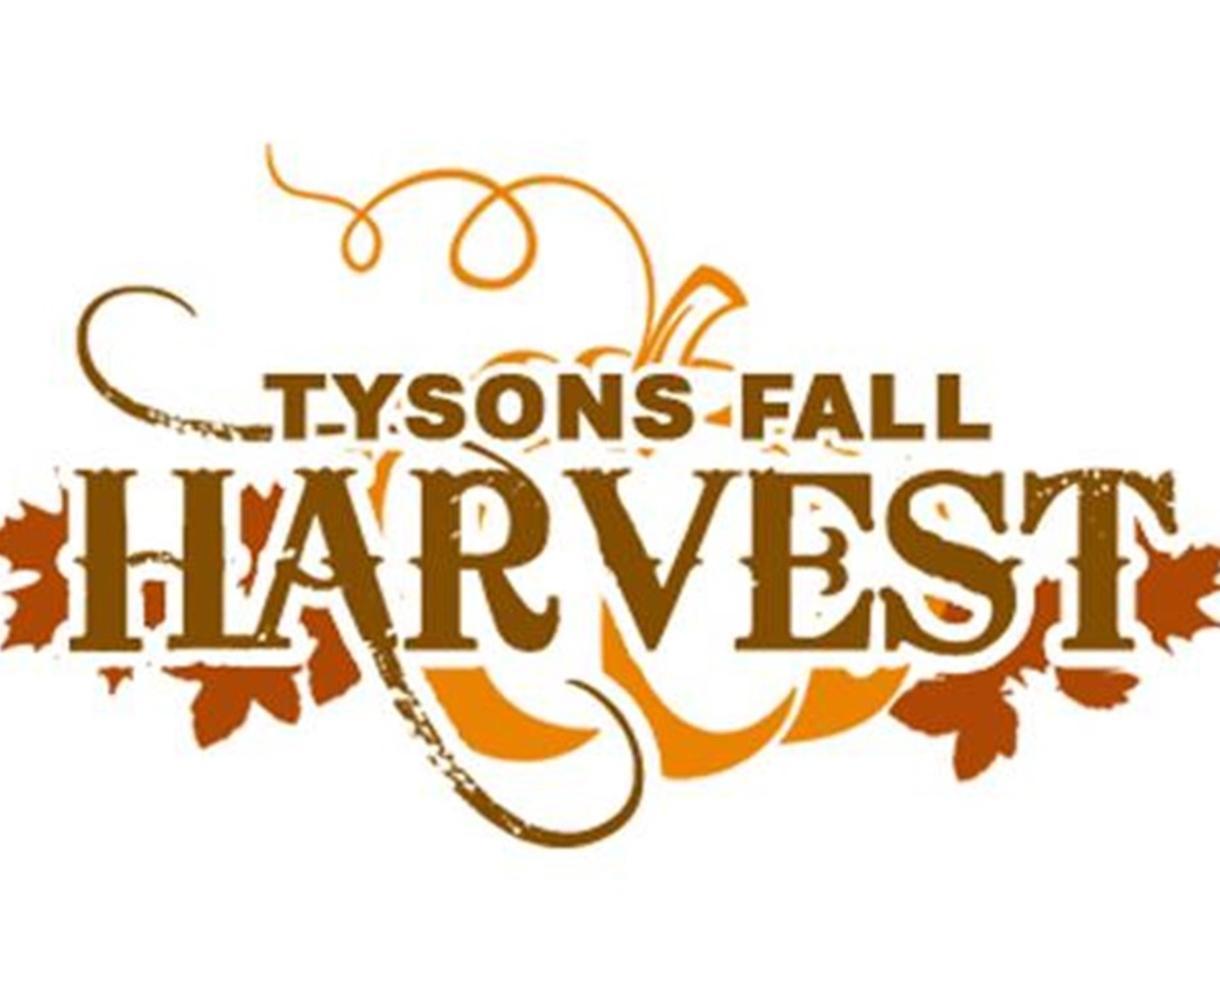 Tysons Fall Harvest Fest Family 4-Pack - October 17, 18 ...